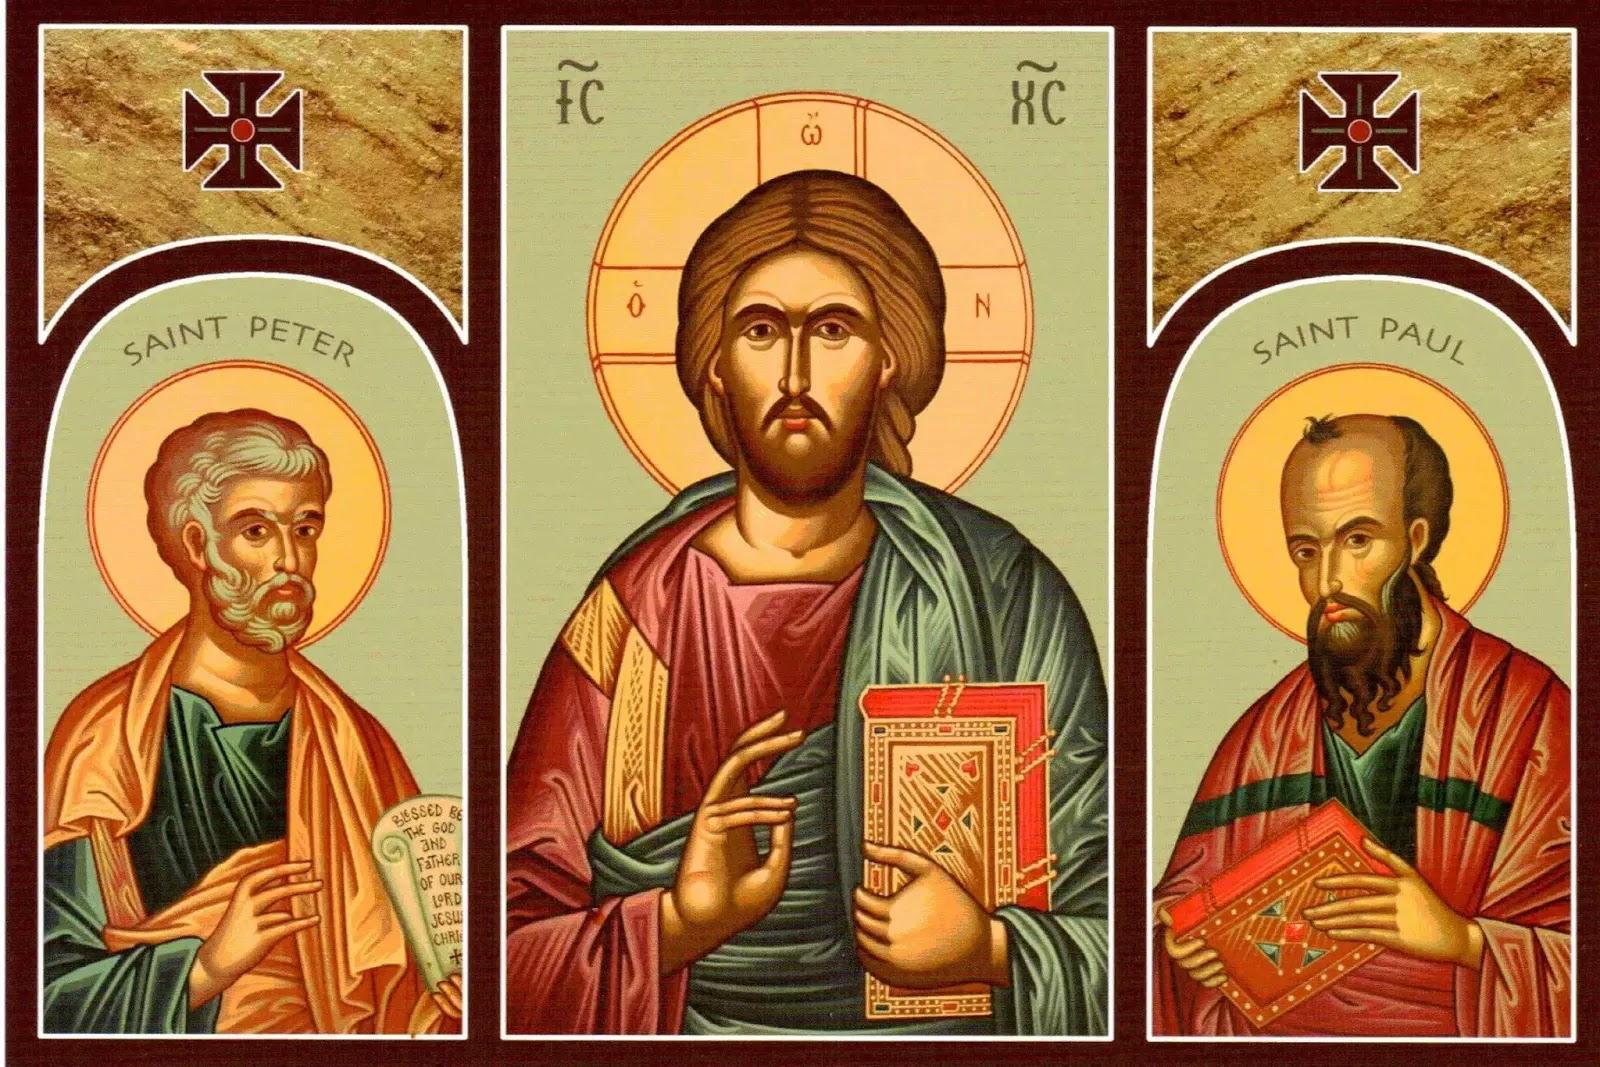 Một bên là thánh Phêrô, một bên là thánh Phaolô, khác biệt lắm, nhưng luôn có Thầy Giêsu ở giữa!